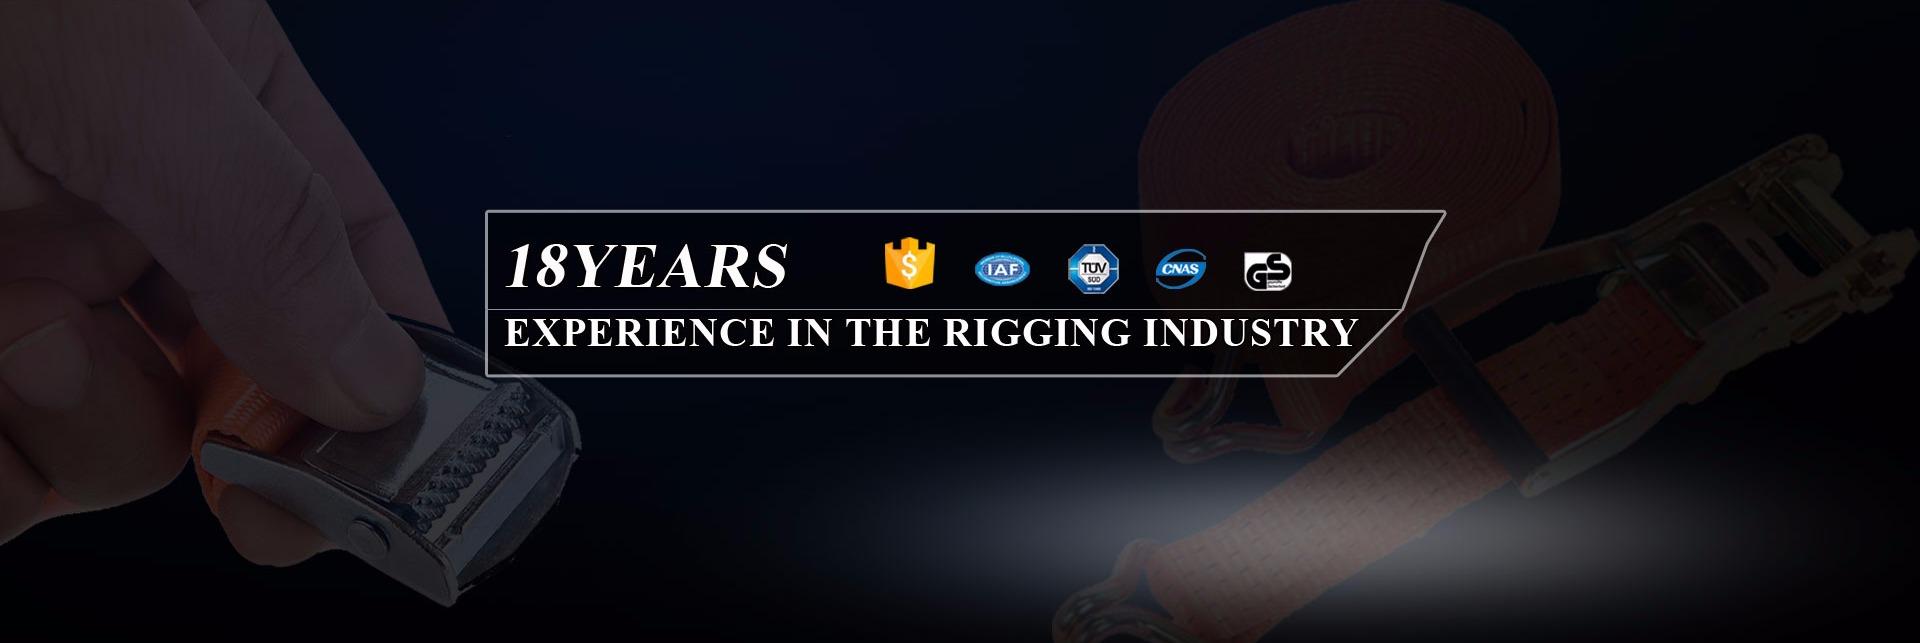 Hebei Jindingtianli Rigging Co., Ltd. - Webbing sling, Ratchet Strap